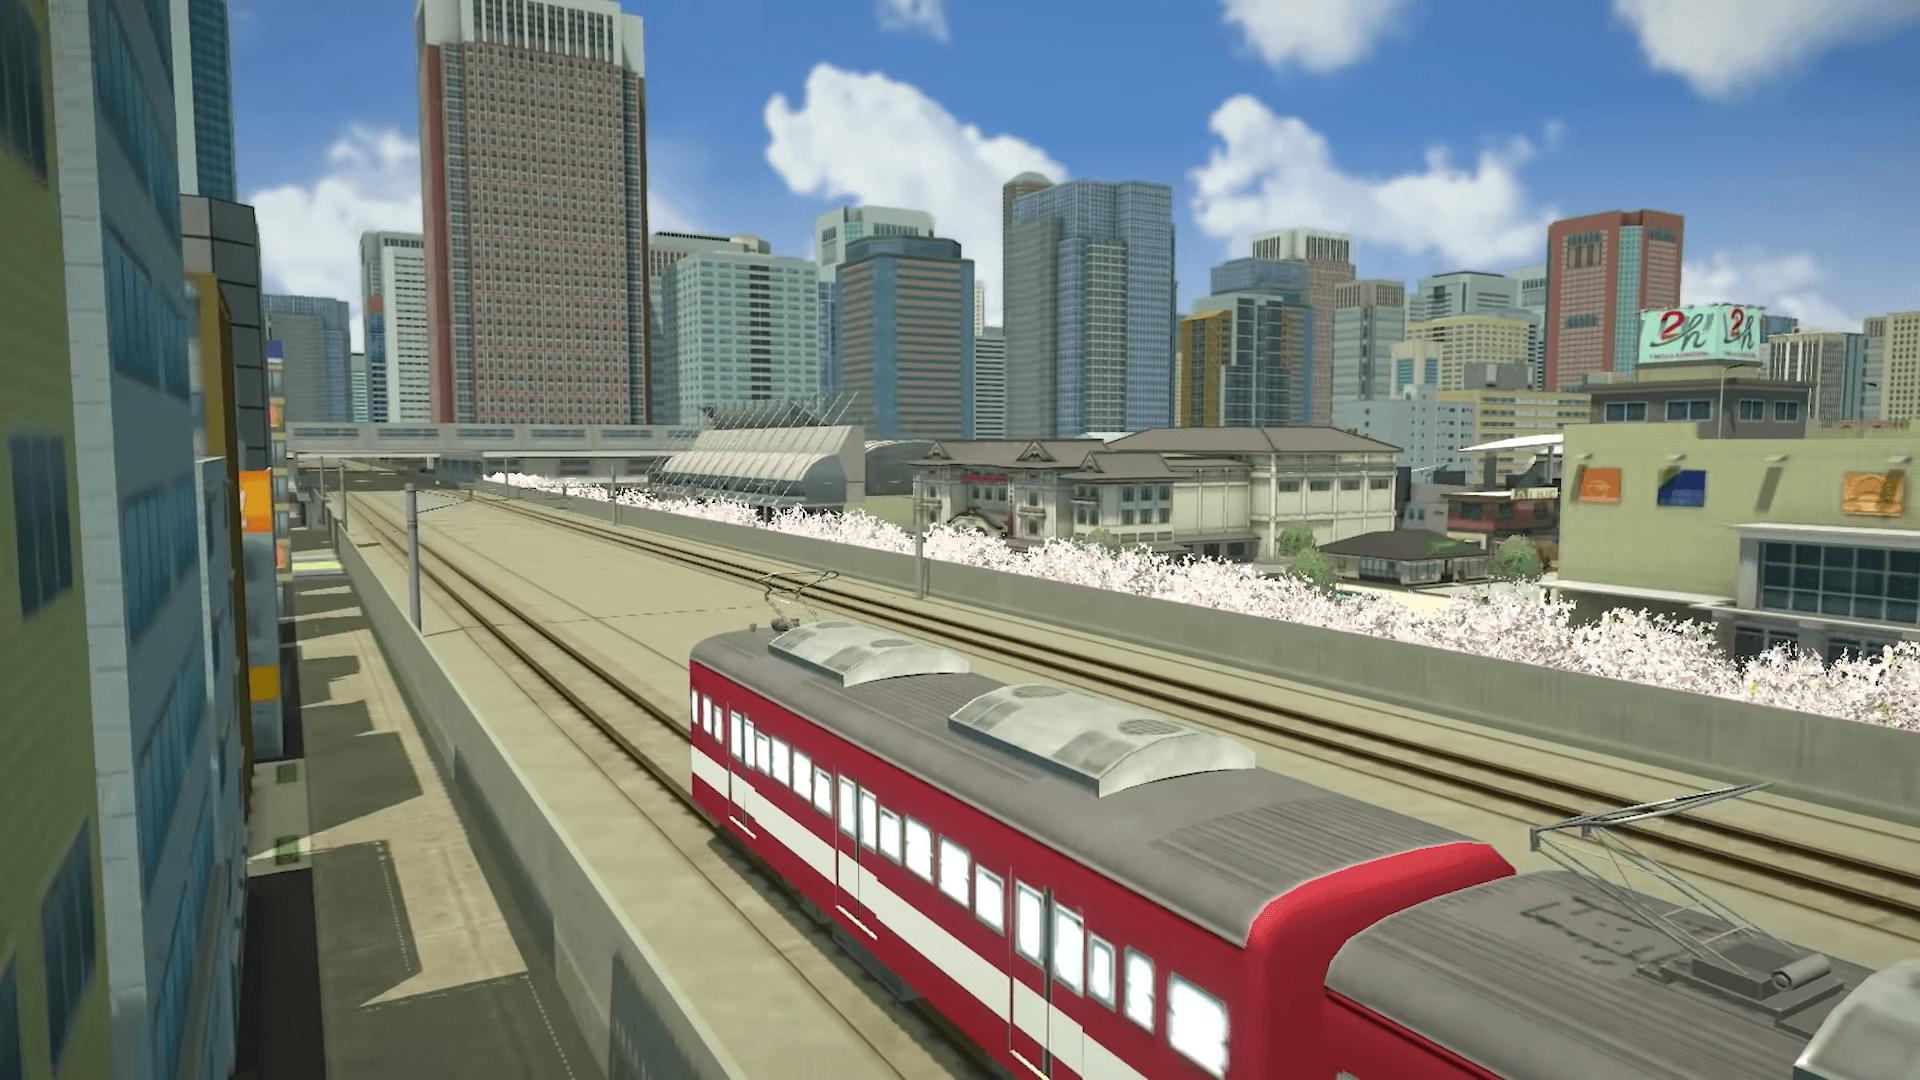 計画 で はじまる a 行 観光 こう 列車